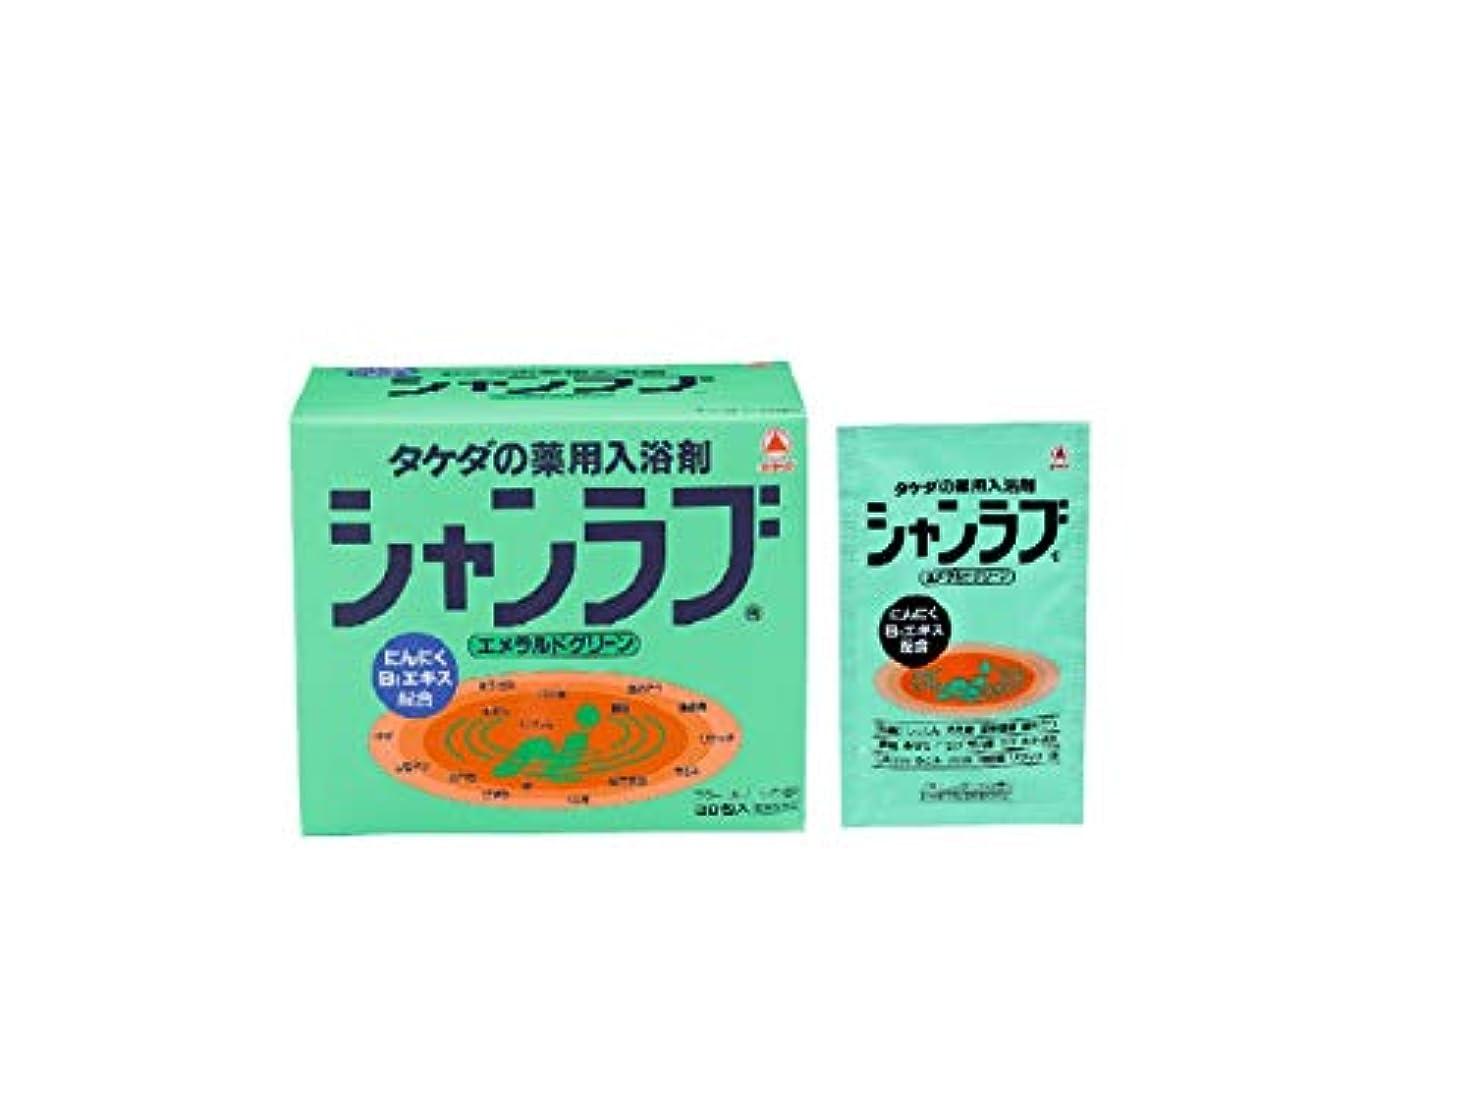 生活以上分子武田コンシューマーヘルスケア シャンラブ エメラルドグリーン 30包